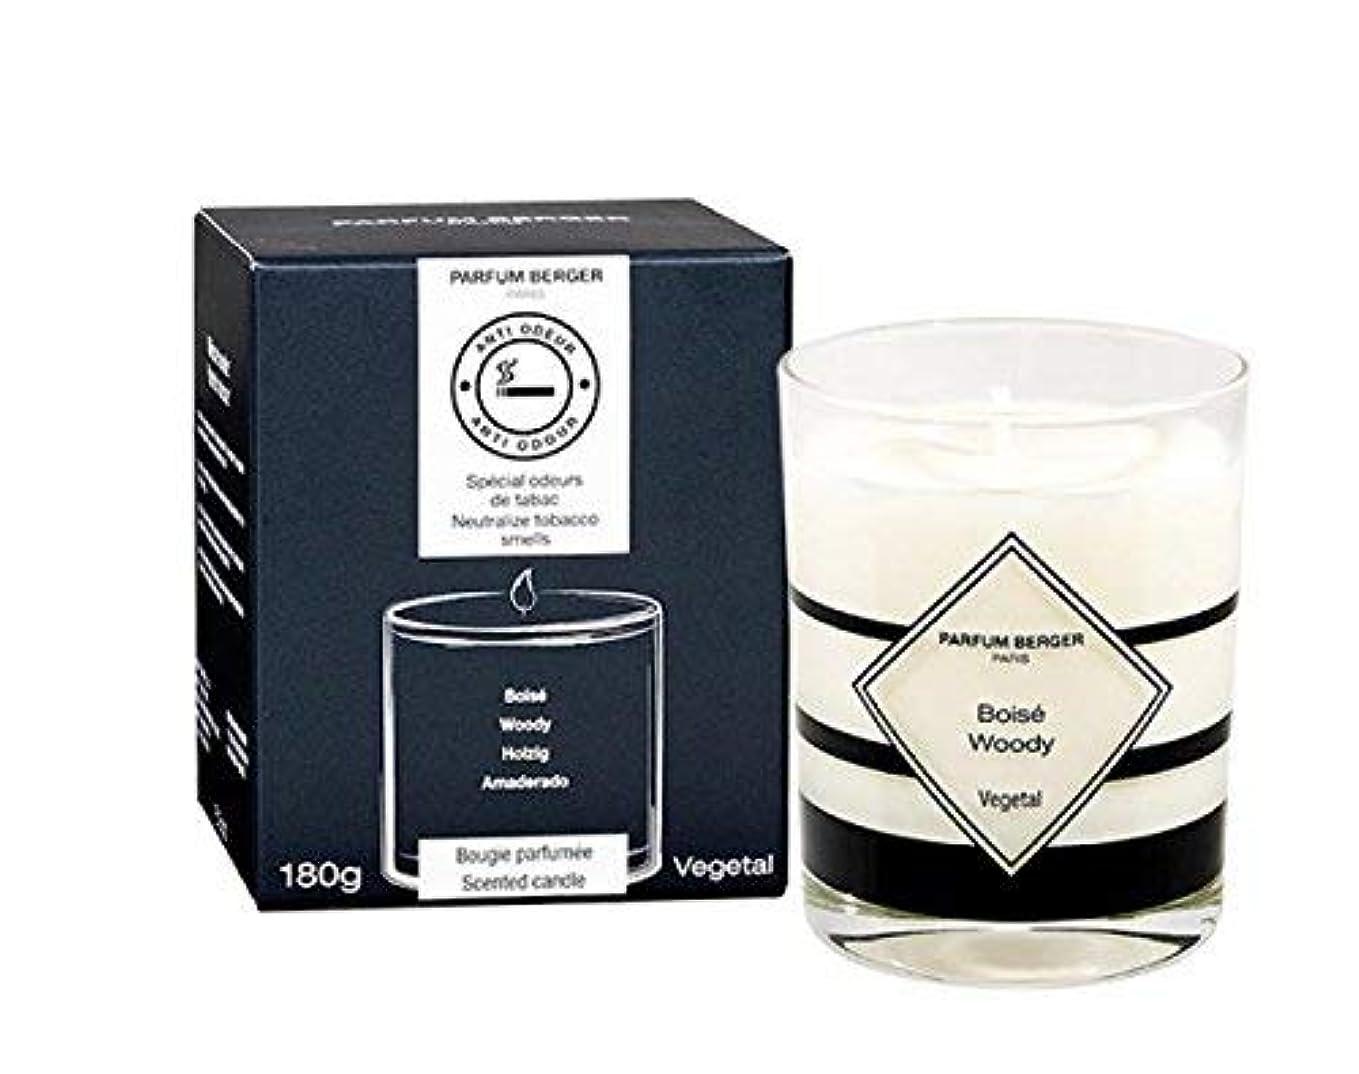 成熟クリエイティブグループParfum Berger/Lampe Berger Anti-Tobacco smell candle (10 x 10 x 10 cm, white glass